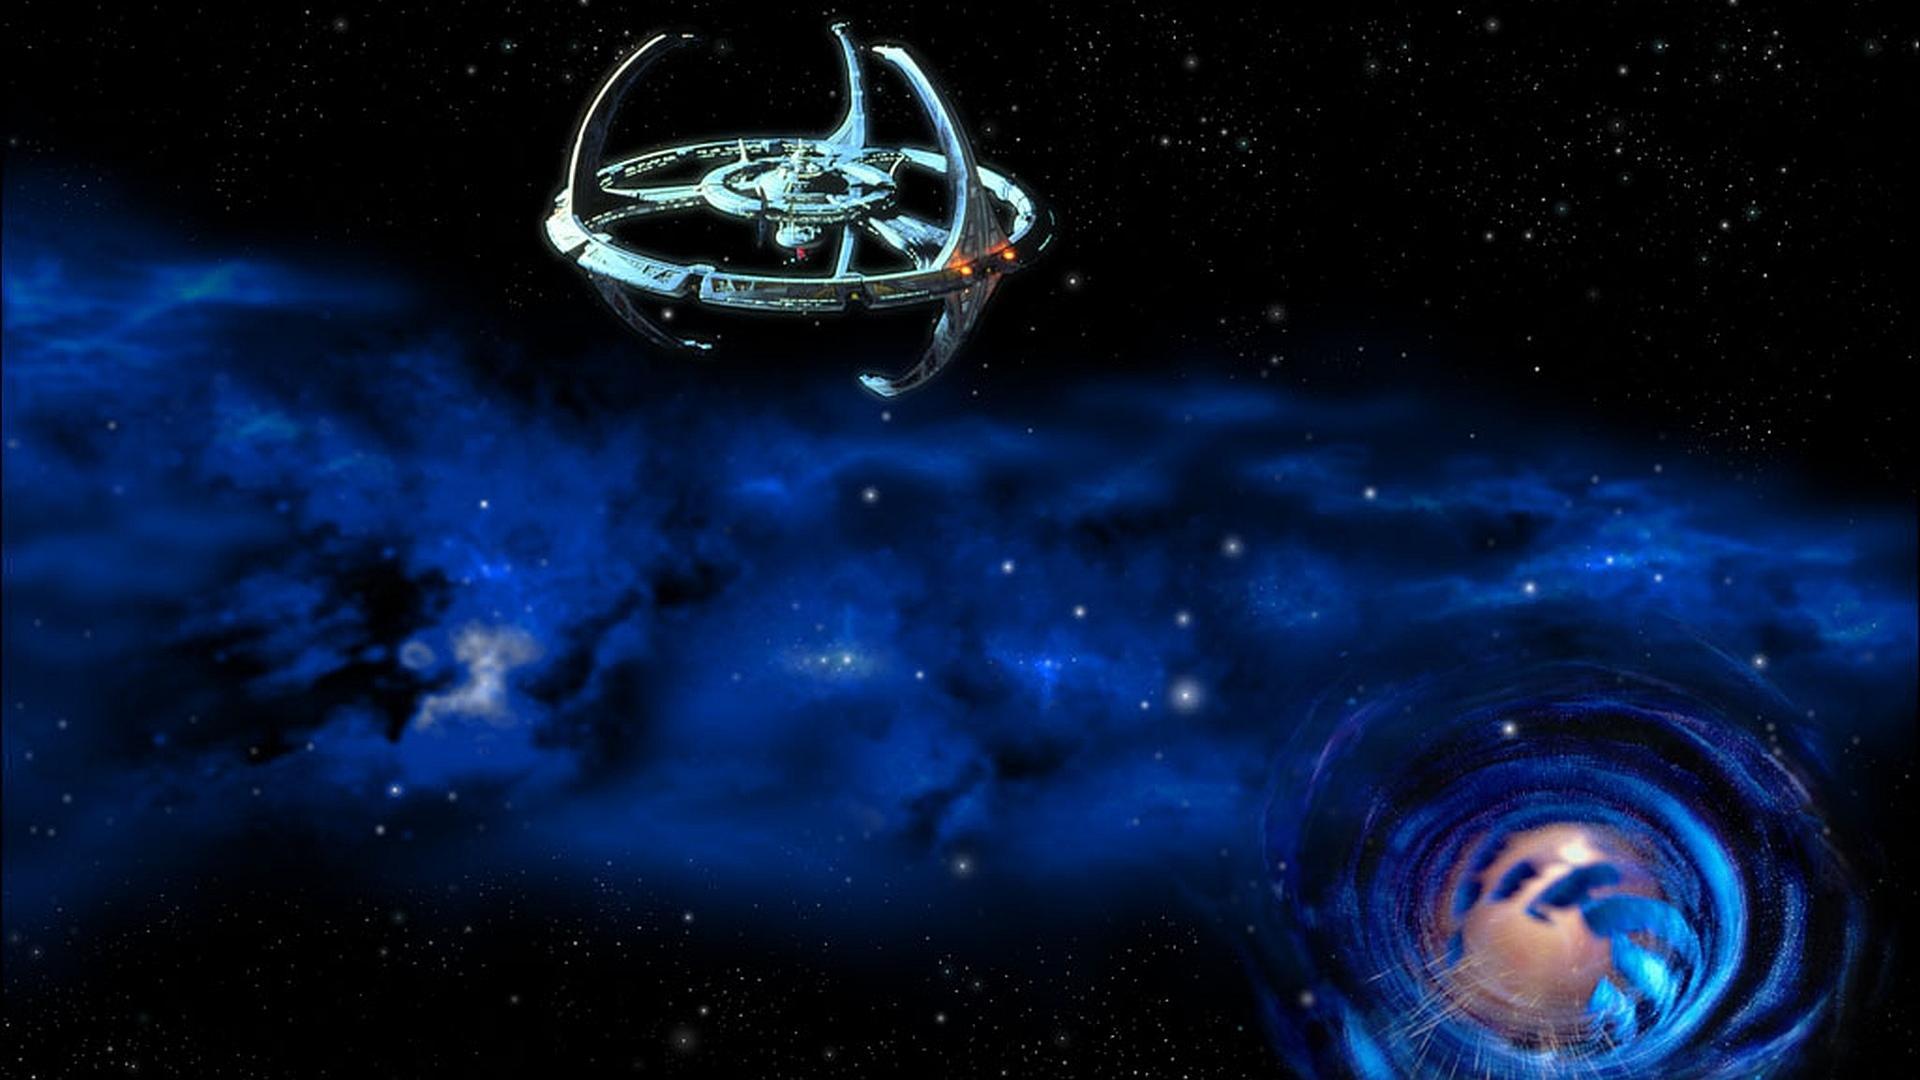 Star Trek Deep Space Nine wallpapers HD quality